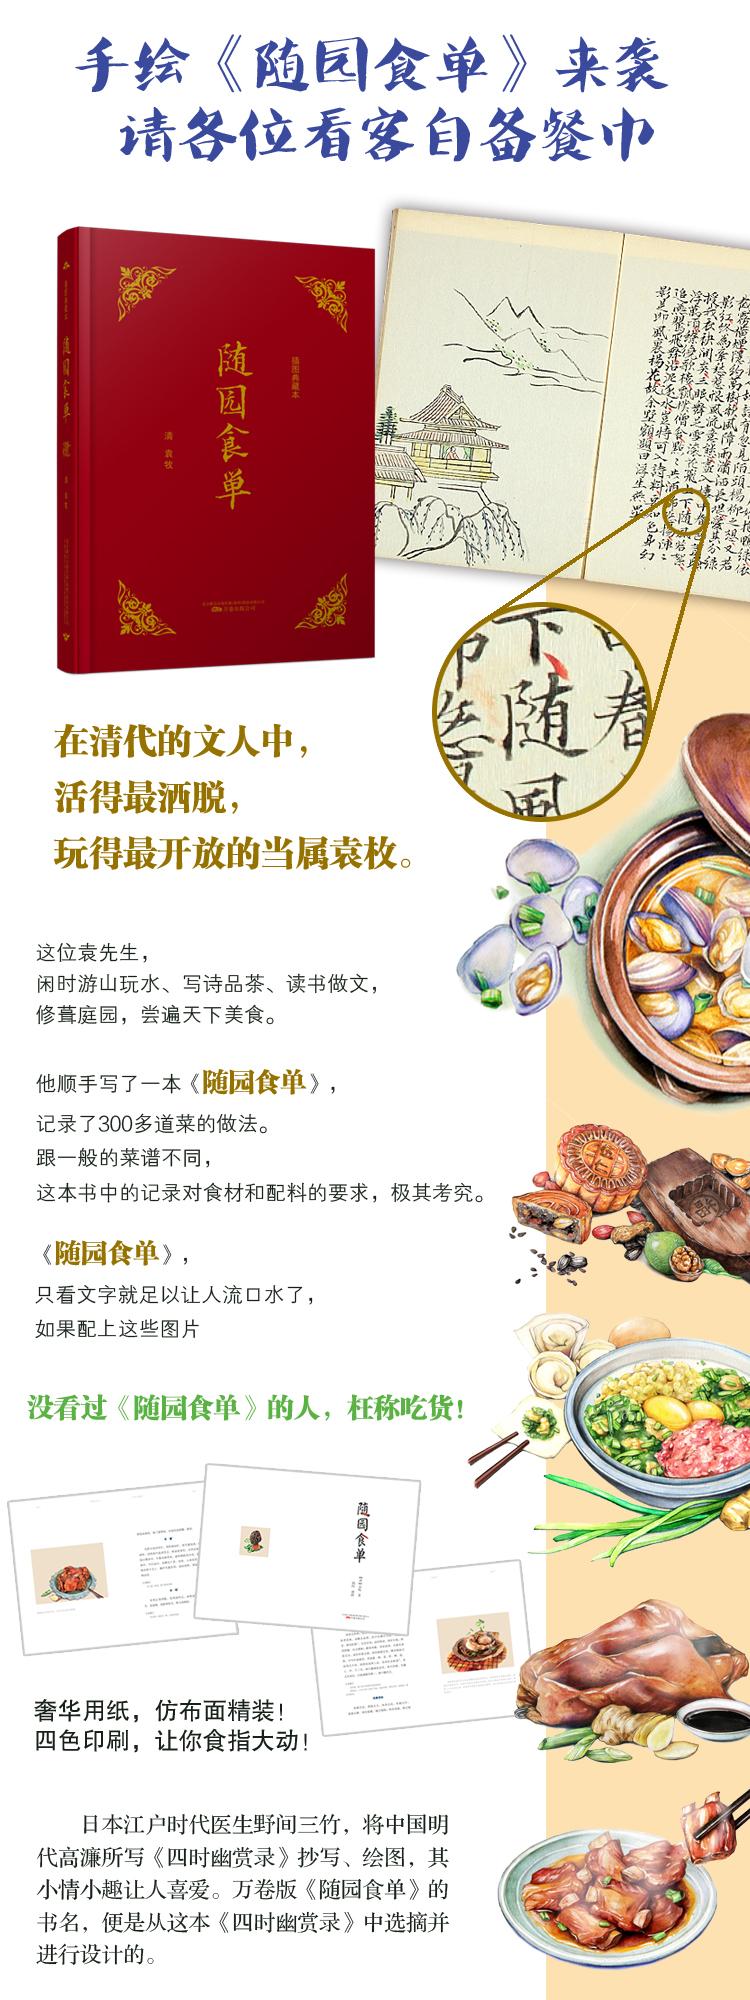 知味系列 随园食单 手绘,美食,饮食,文化,吃货 袁枚 9787547041758 万